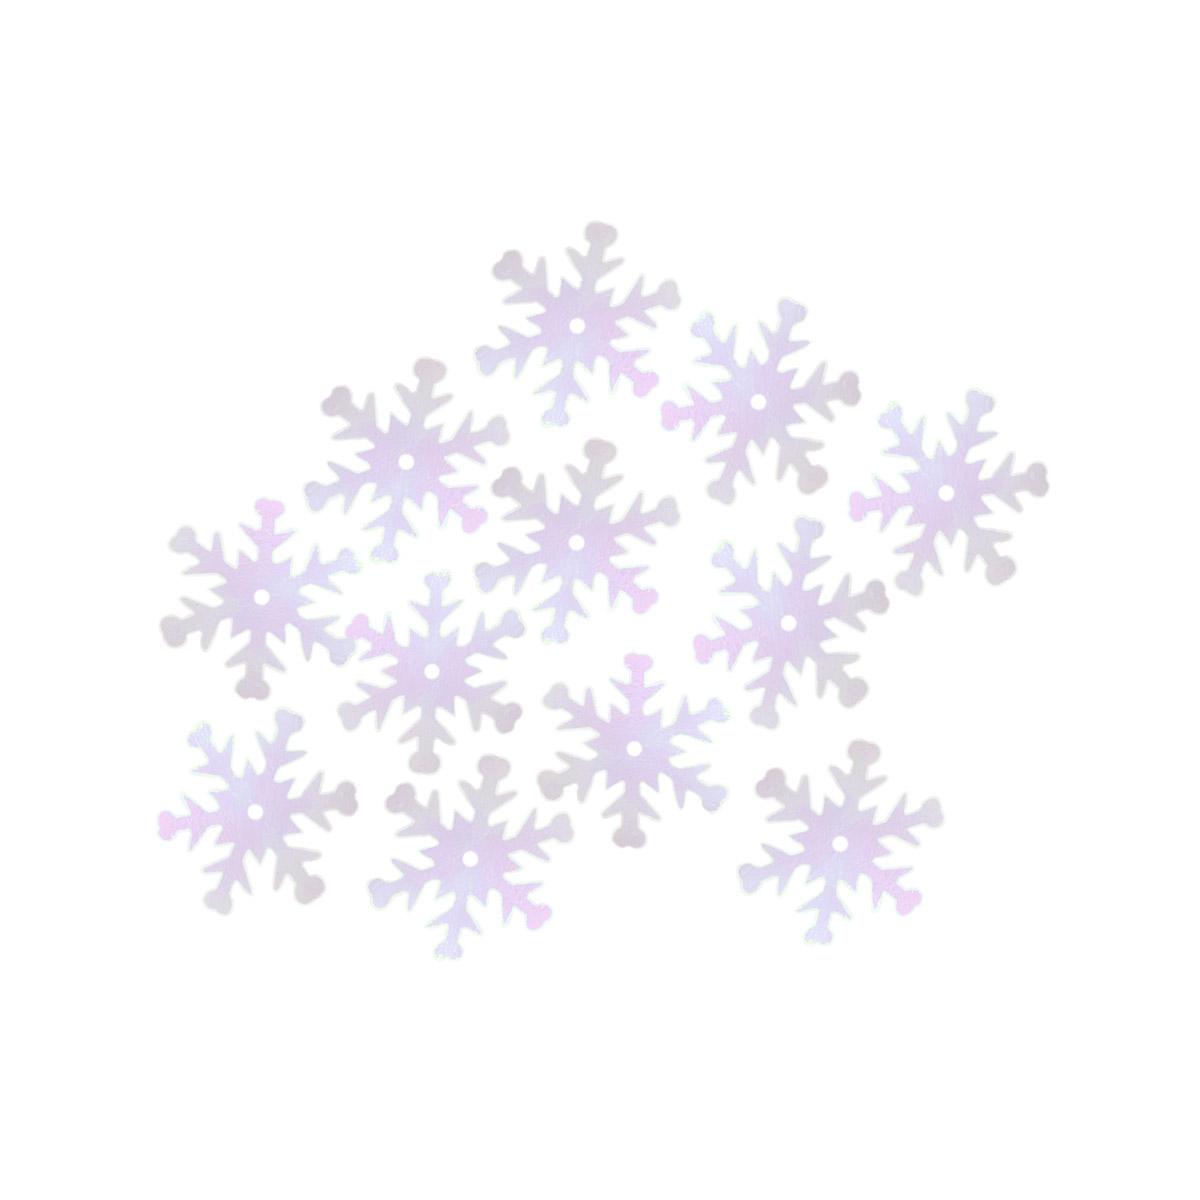 Пайетки-снежинки, 24 мм, упак./100 гр.